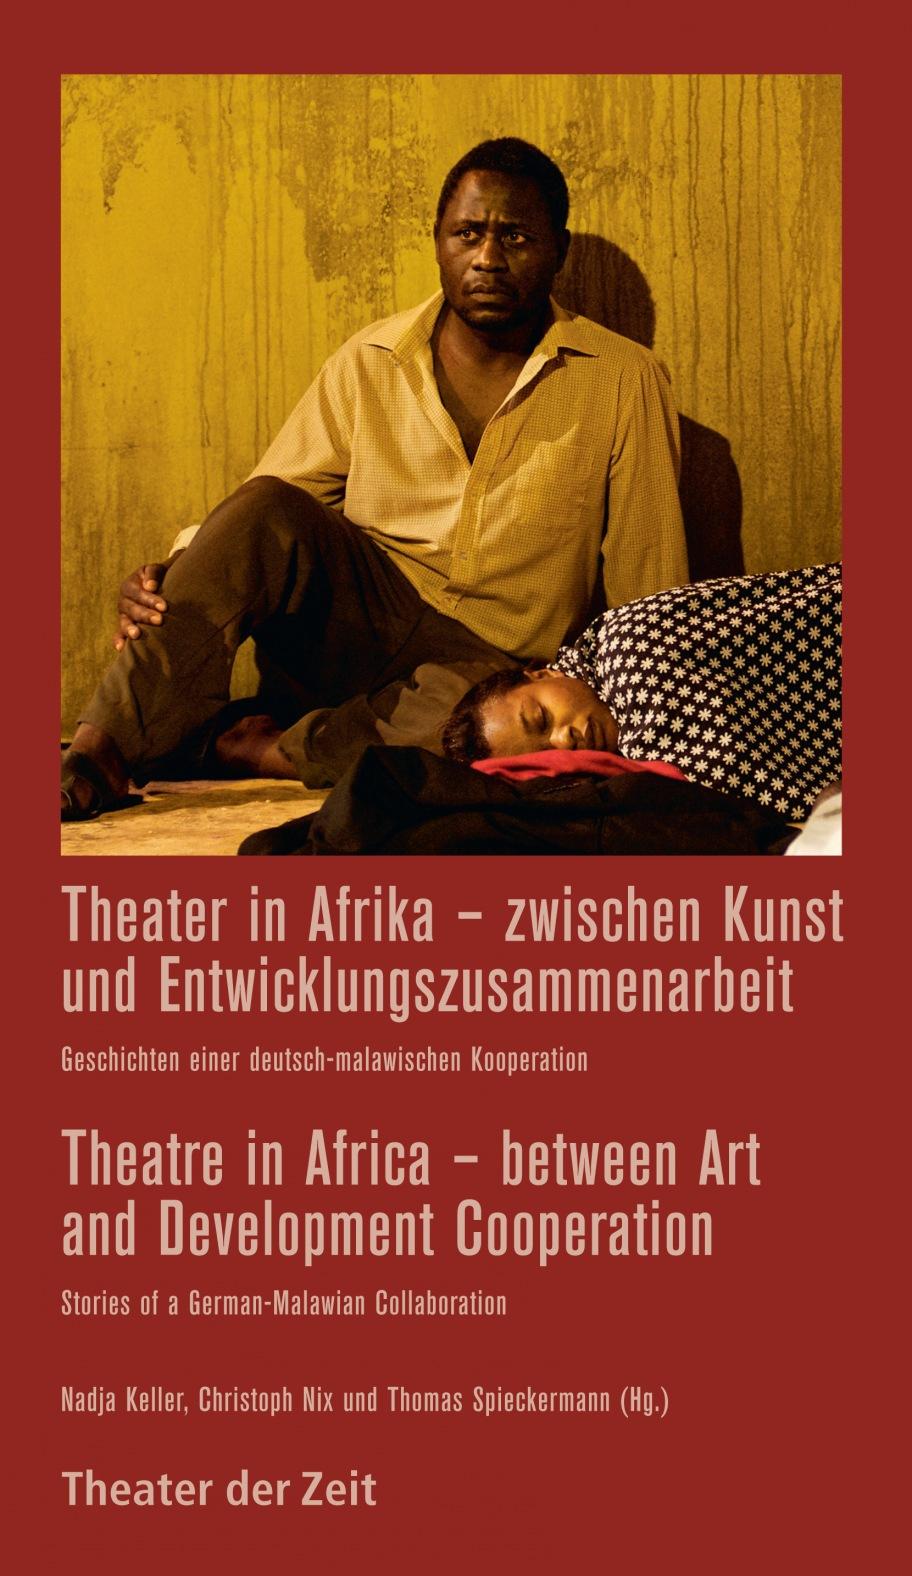 Theater in Afrika – zwischen Kunst und Entwicklungszusammenarbeit